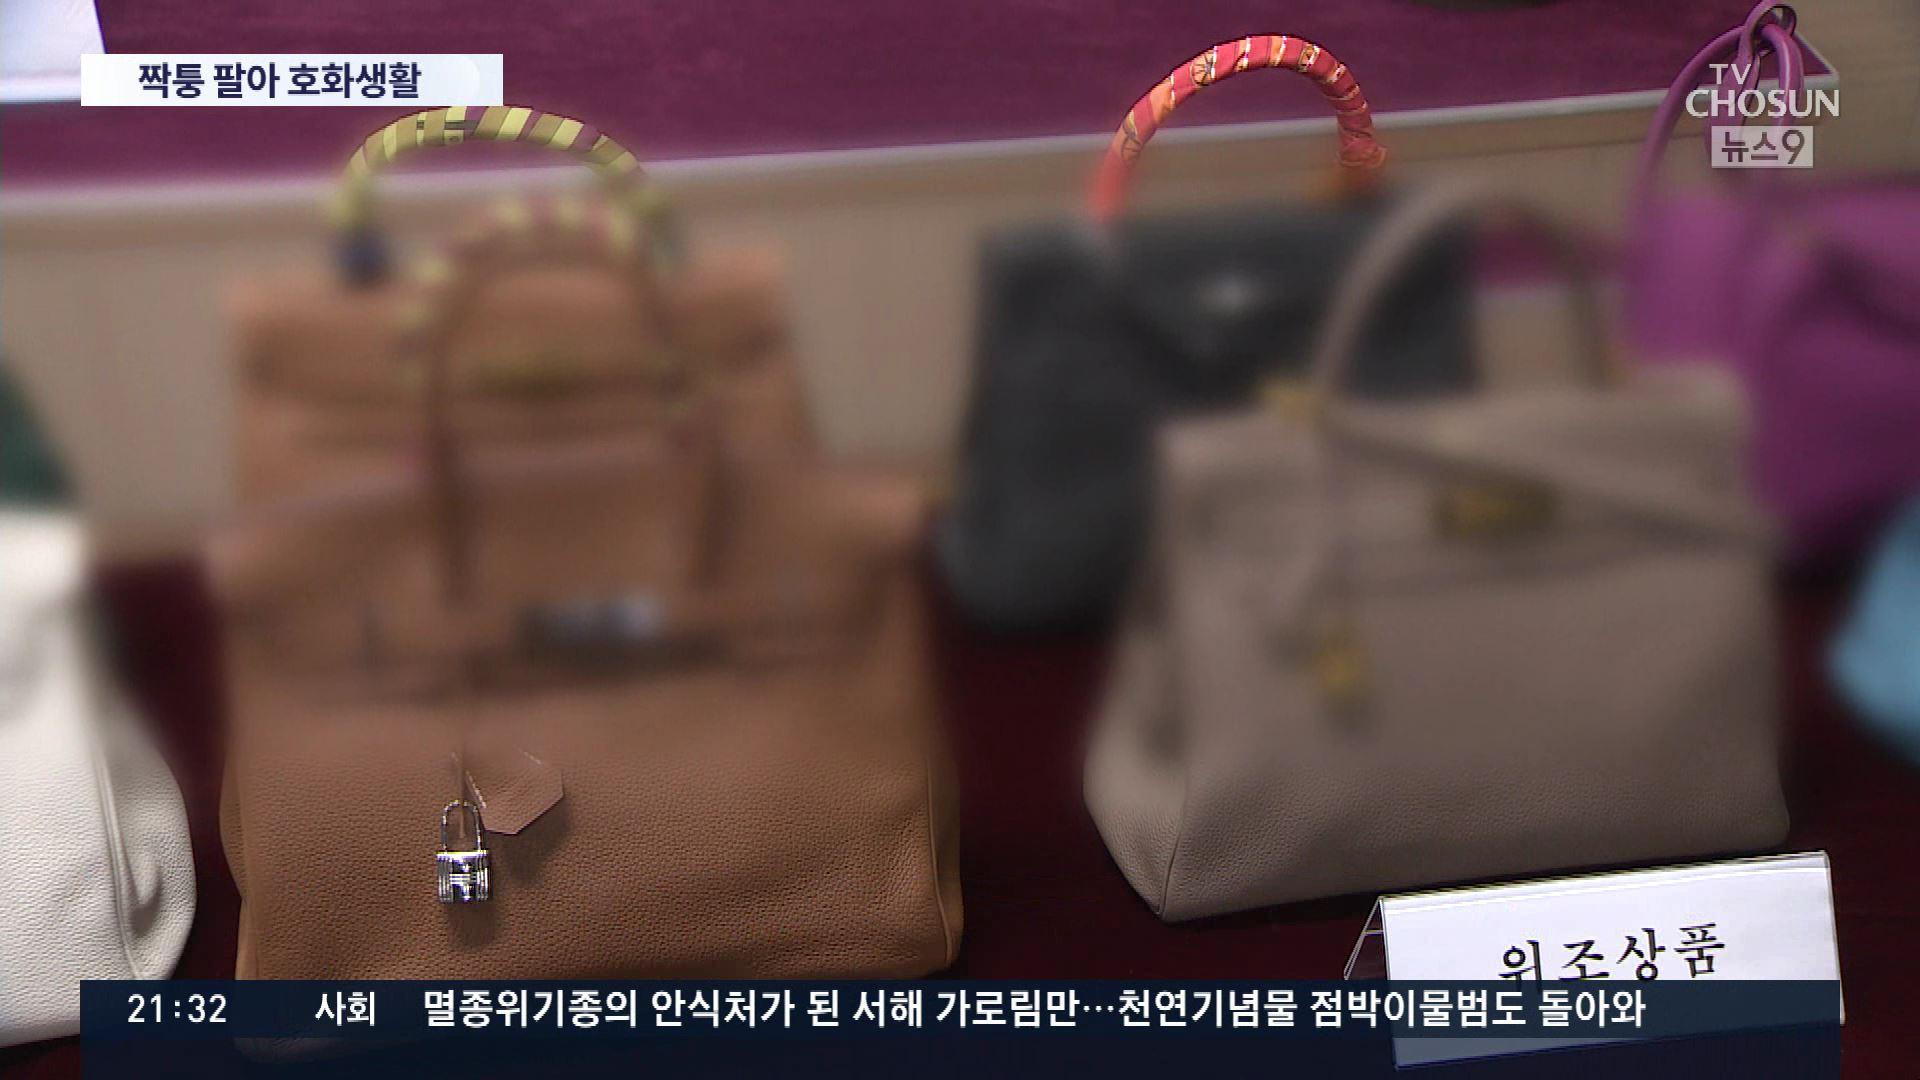 '진품같은 특S급'…정가 290억어치 짝퉁 판매한 남매 검거